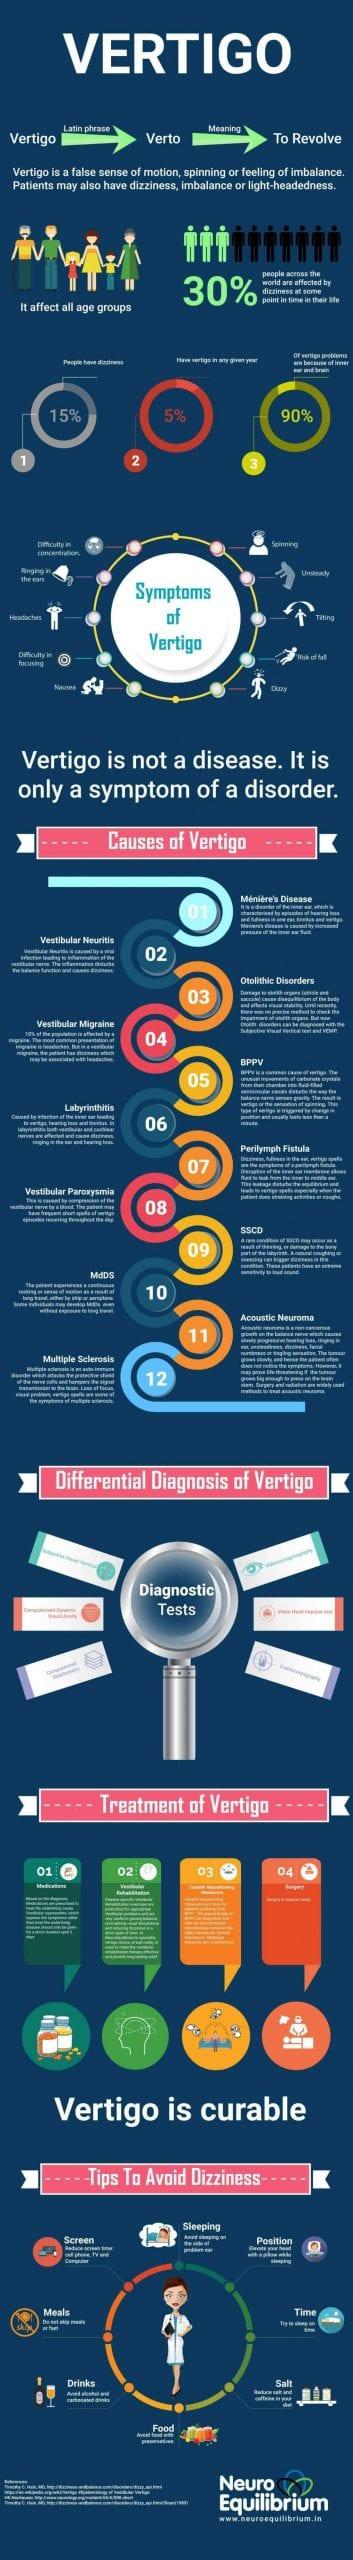 10 Myths Surrounding Vertigo